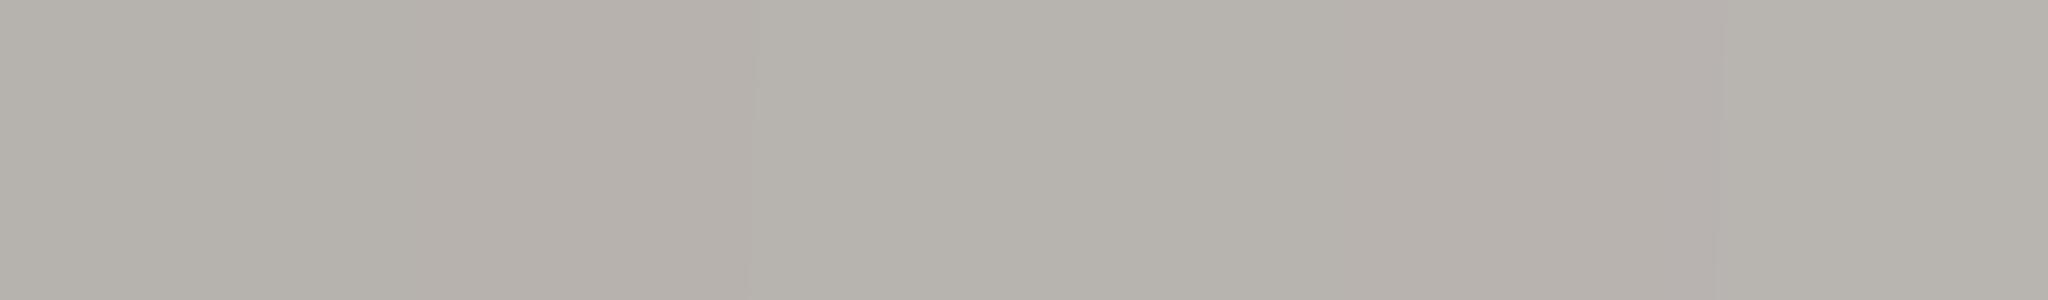 HU 175474 Akryl 3D hrana šedá TopMatt